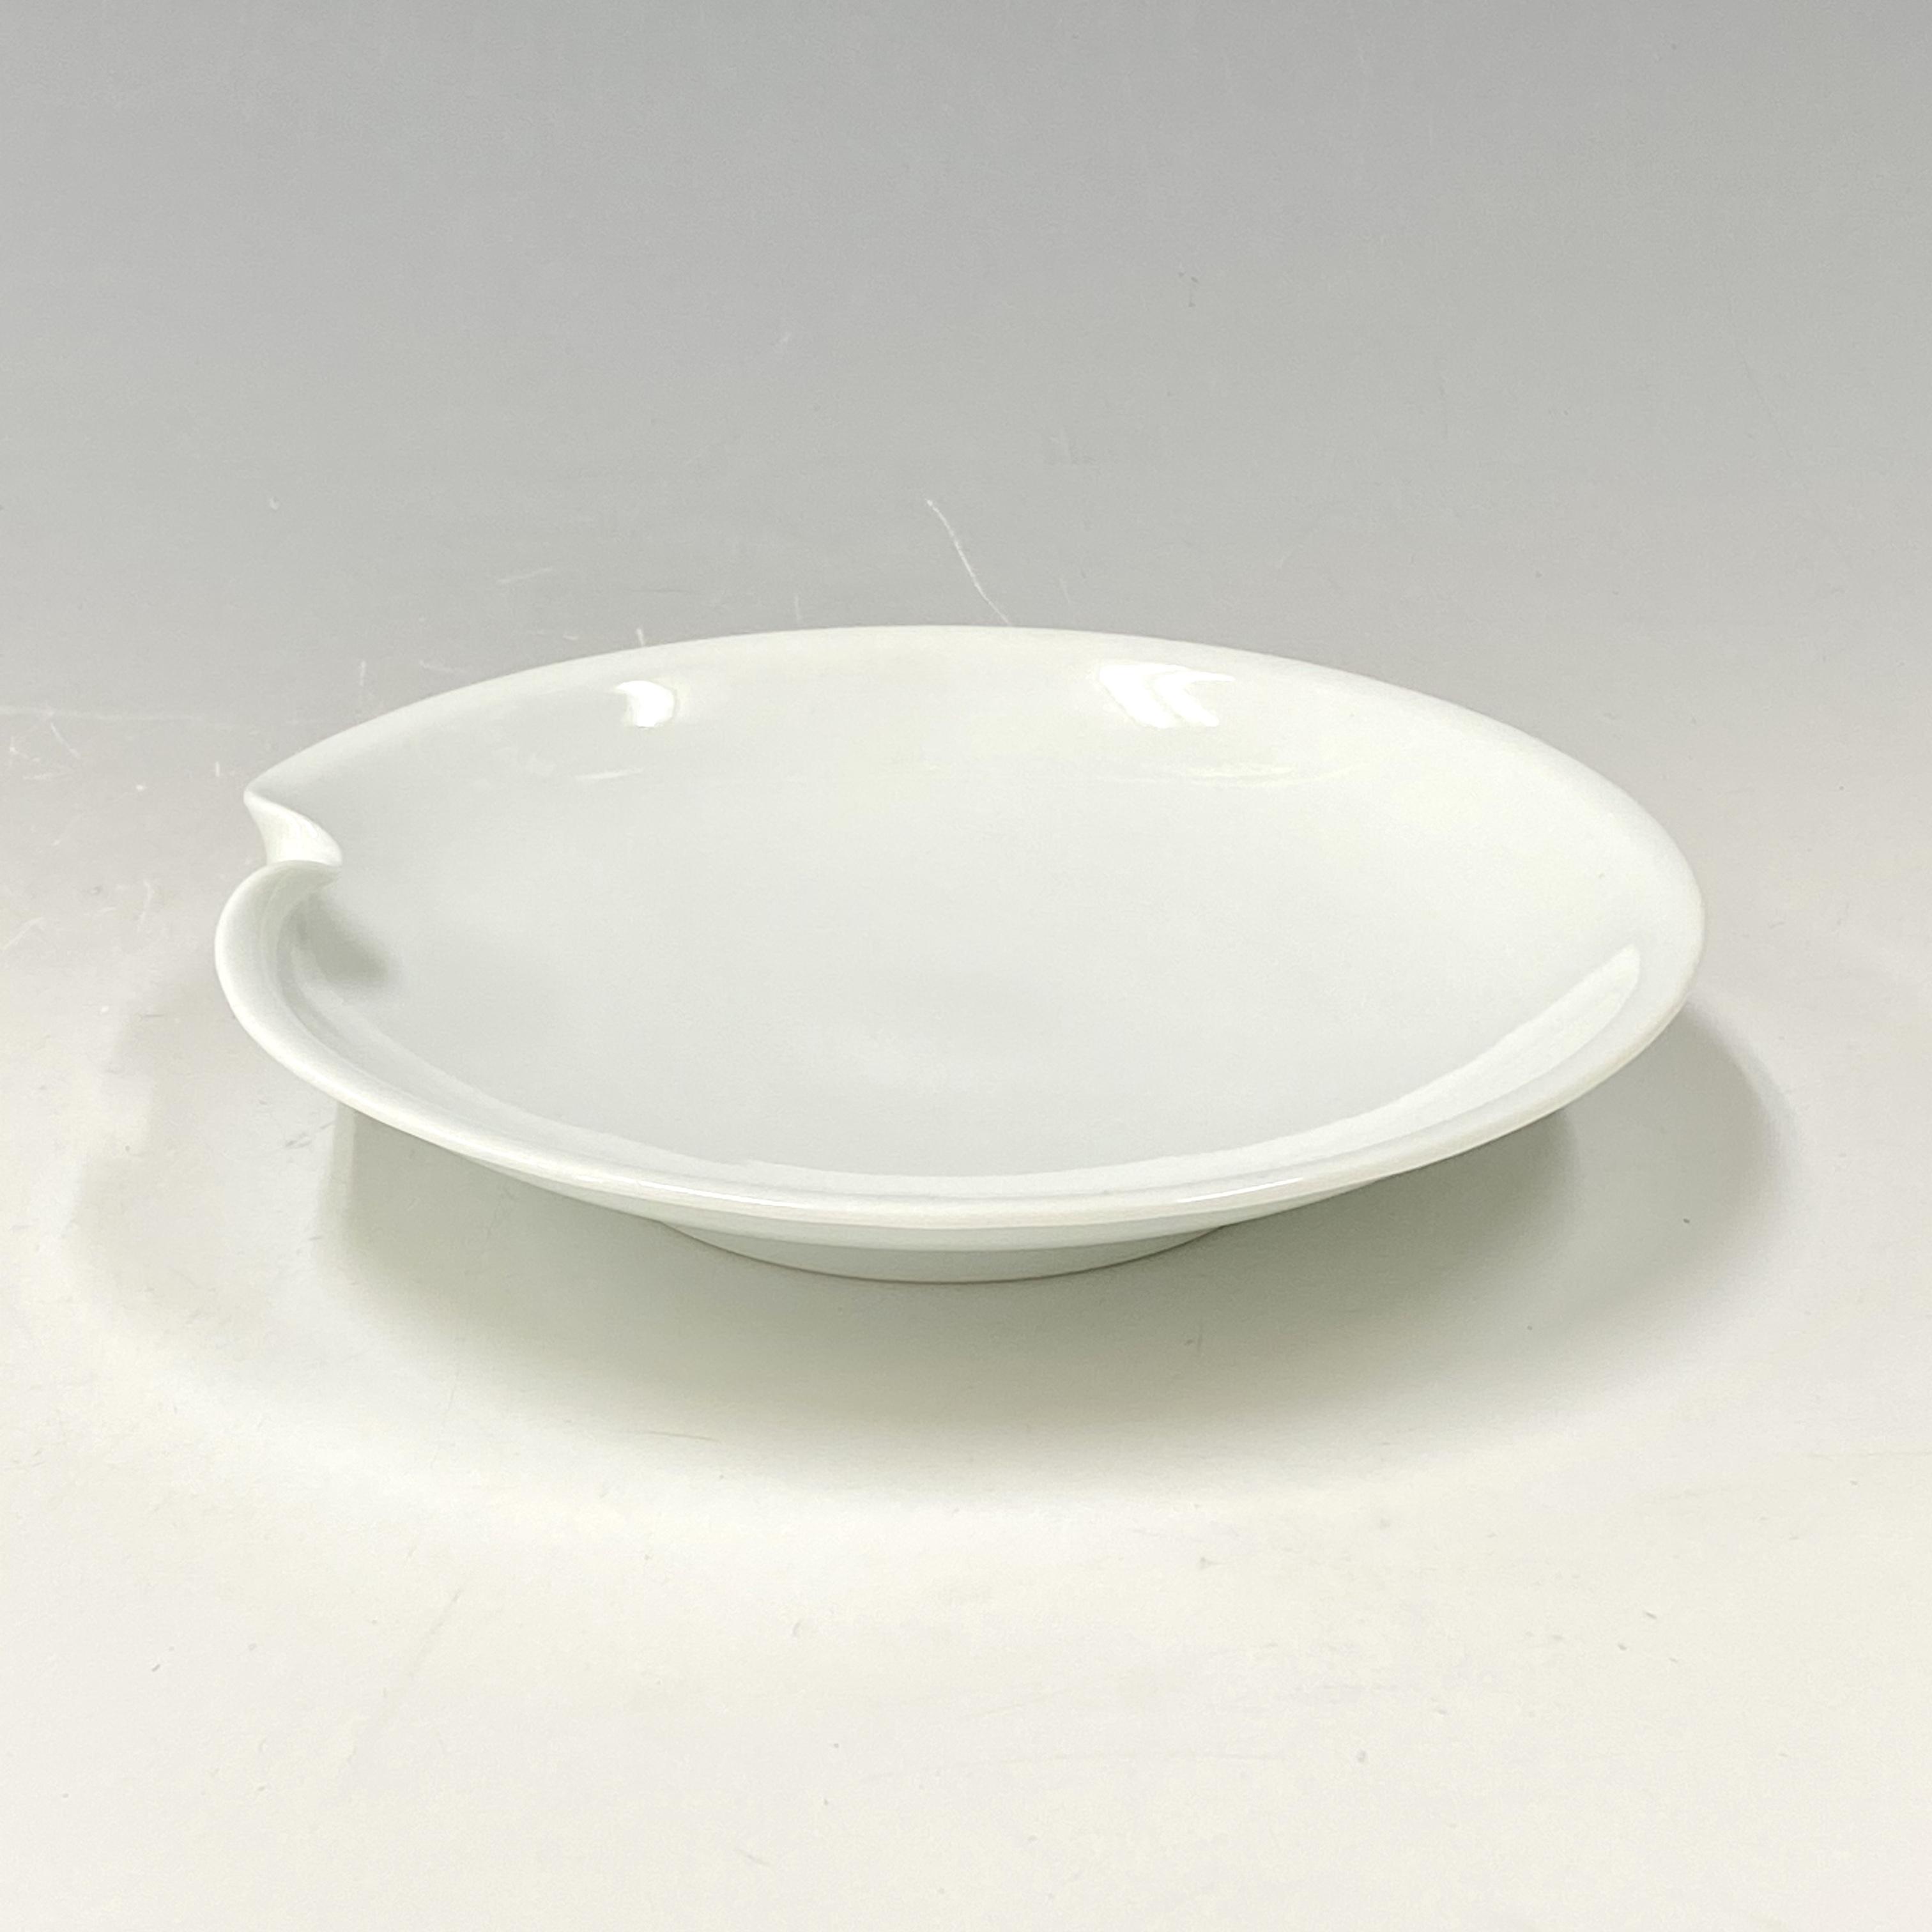 【中尾恭純】白磁一方押皿